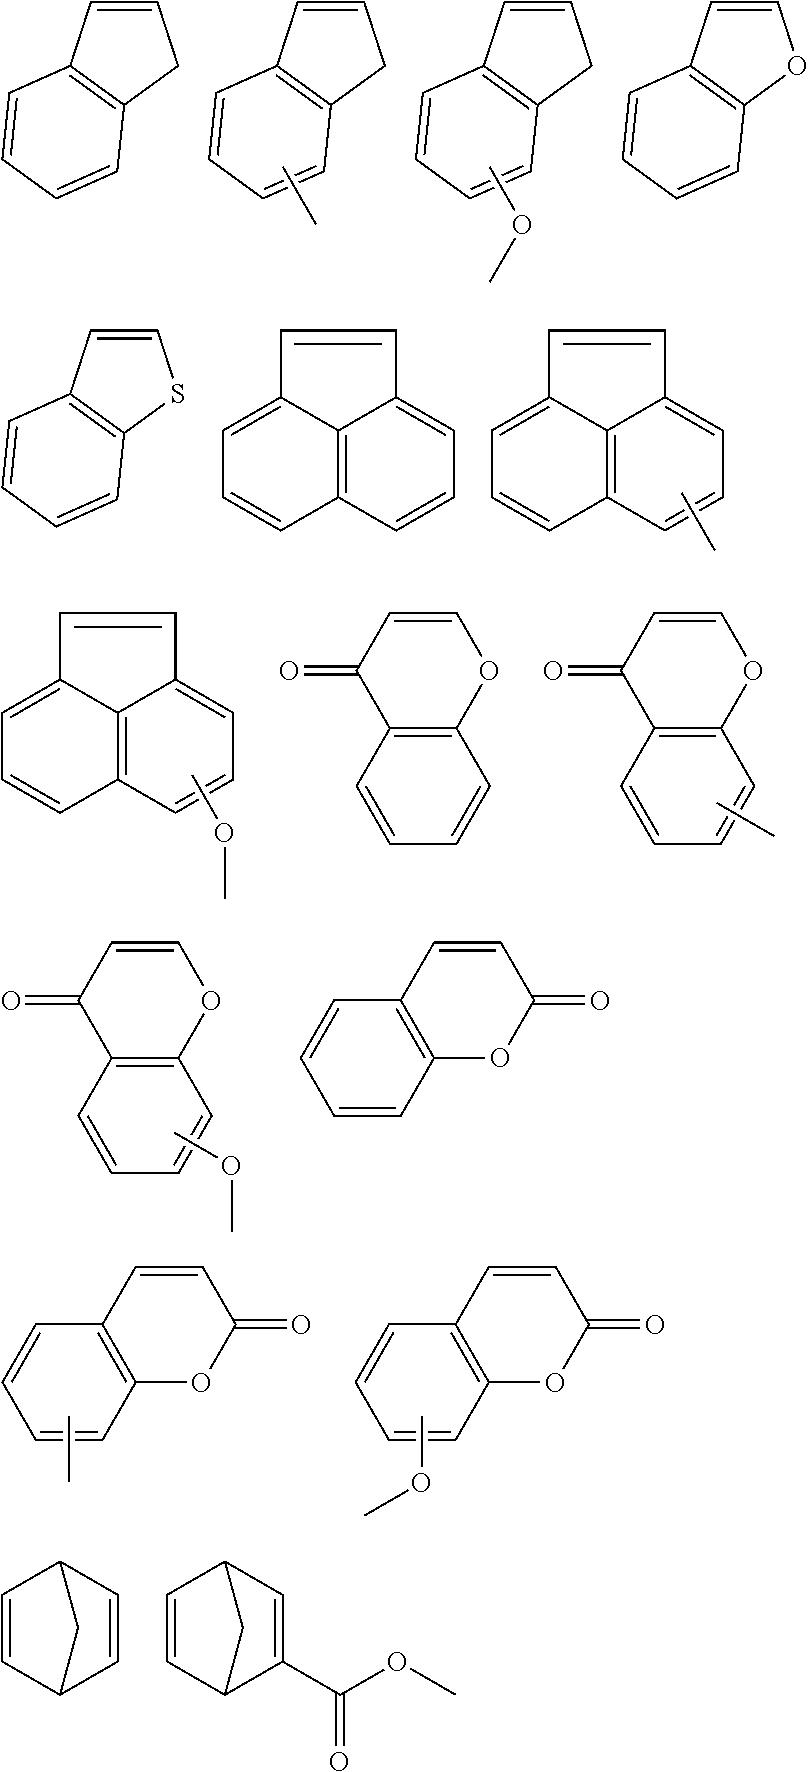 Figure US20110294070A1-20111201-C00052